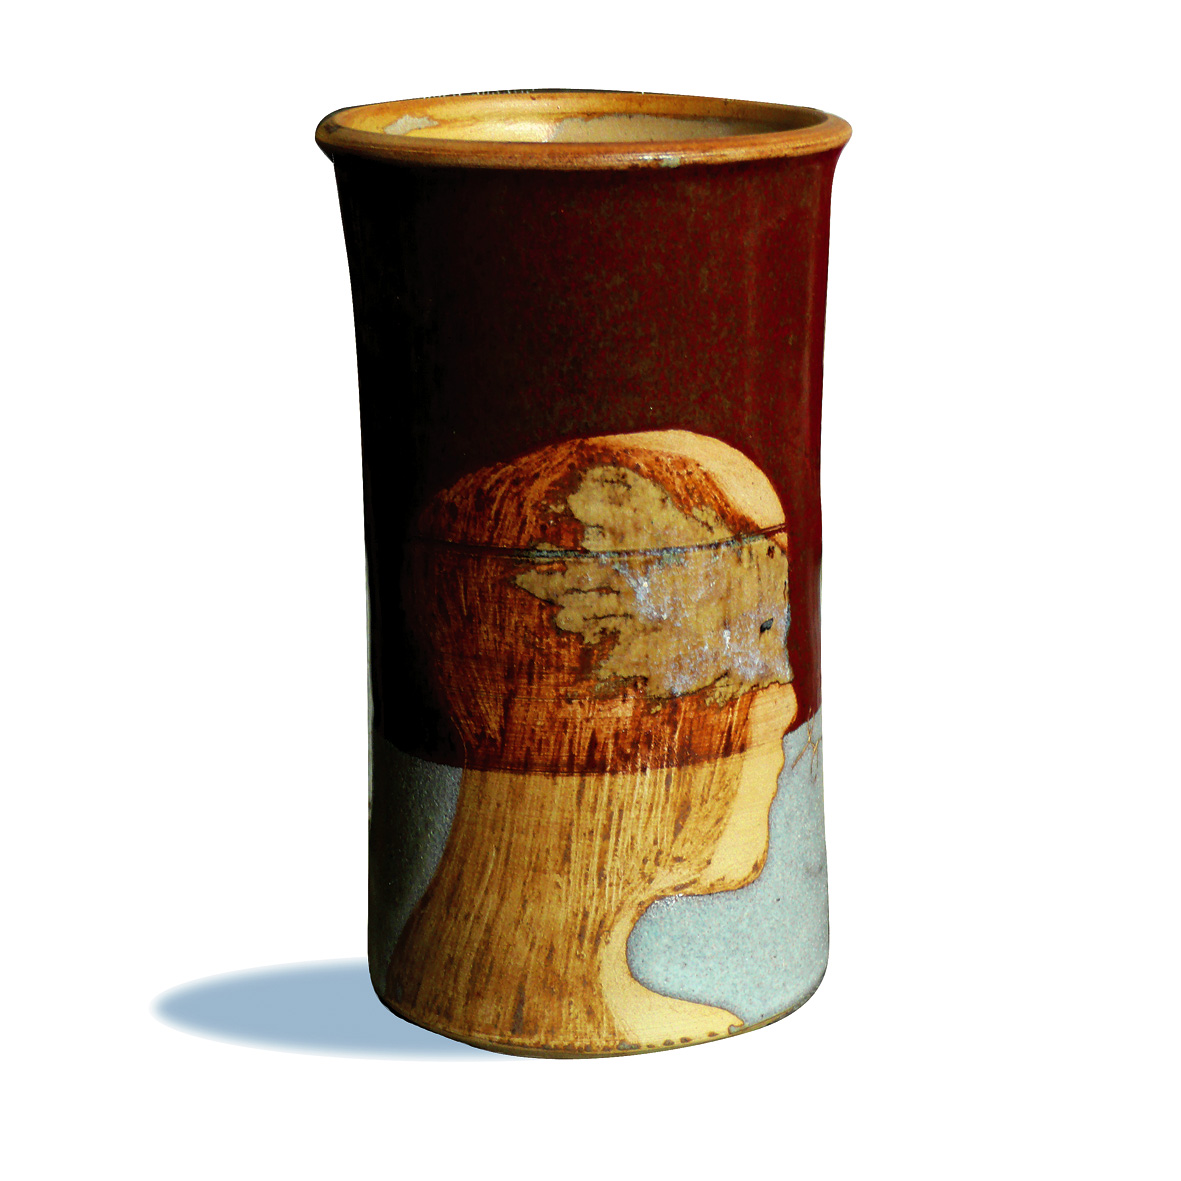 BRIQUE BOUTEILLE / Pièce en grés gravé émaillé - H 30 cm